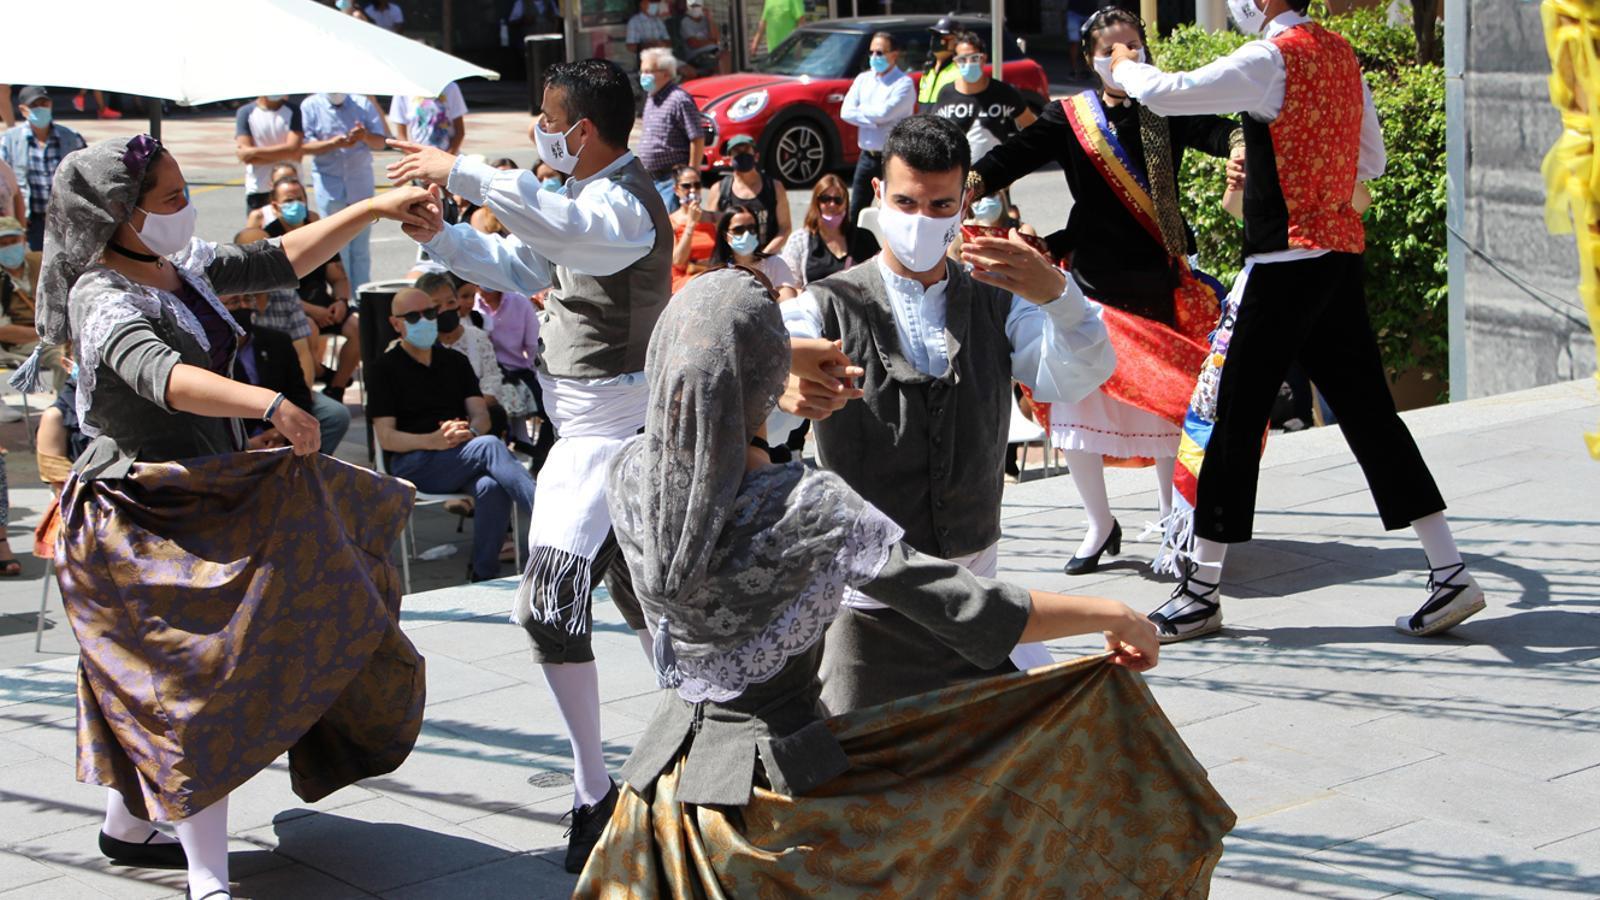 Un moment de l'actuació de l'Esbart Santa Anna en el marc de la festa major d'Escaldes-Engordany.